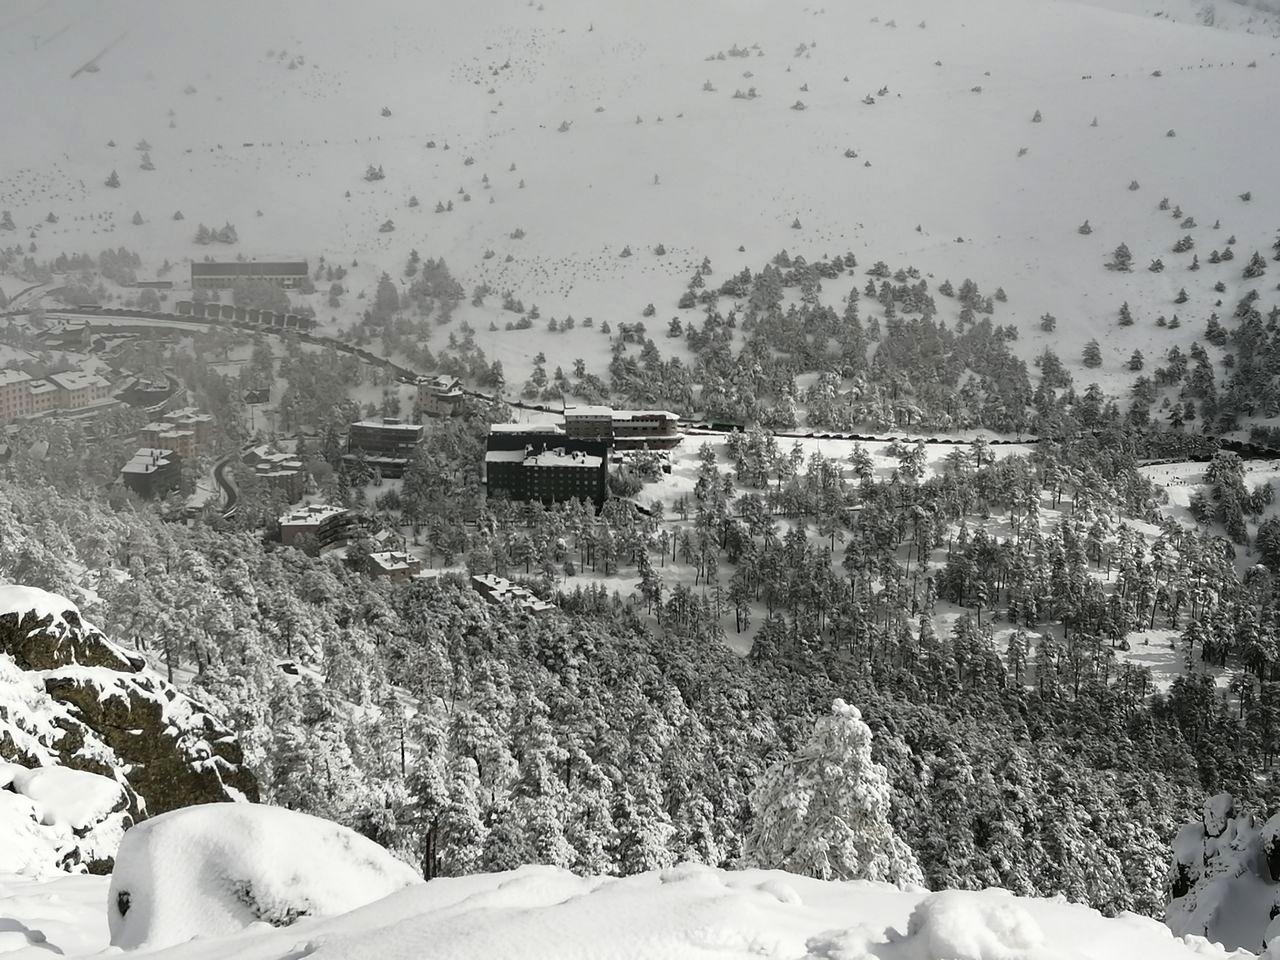 A continuación te cuento dónde comprar raquetas de nieve para disfrutar de paisajes como éste.